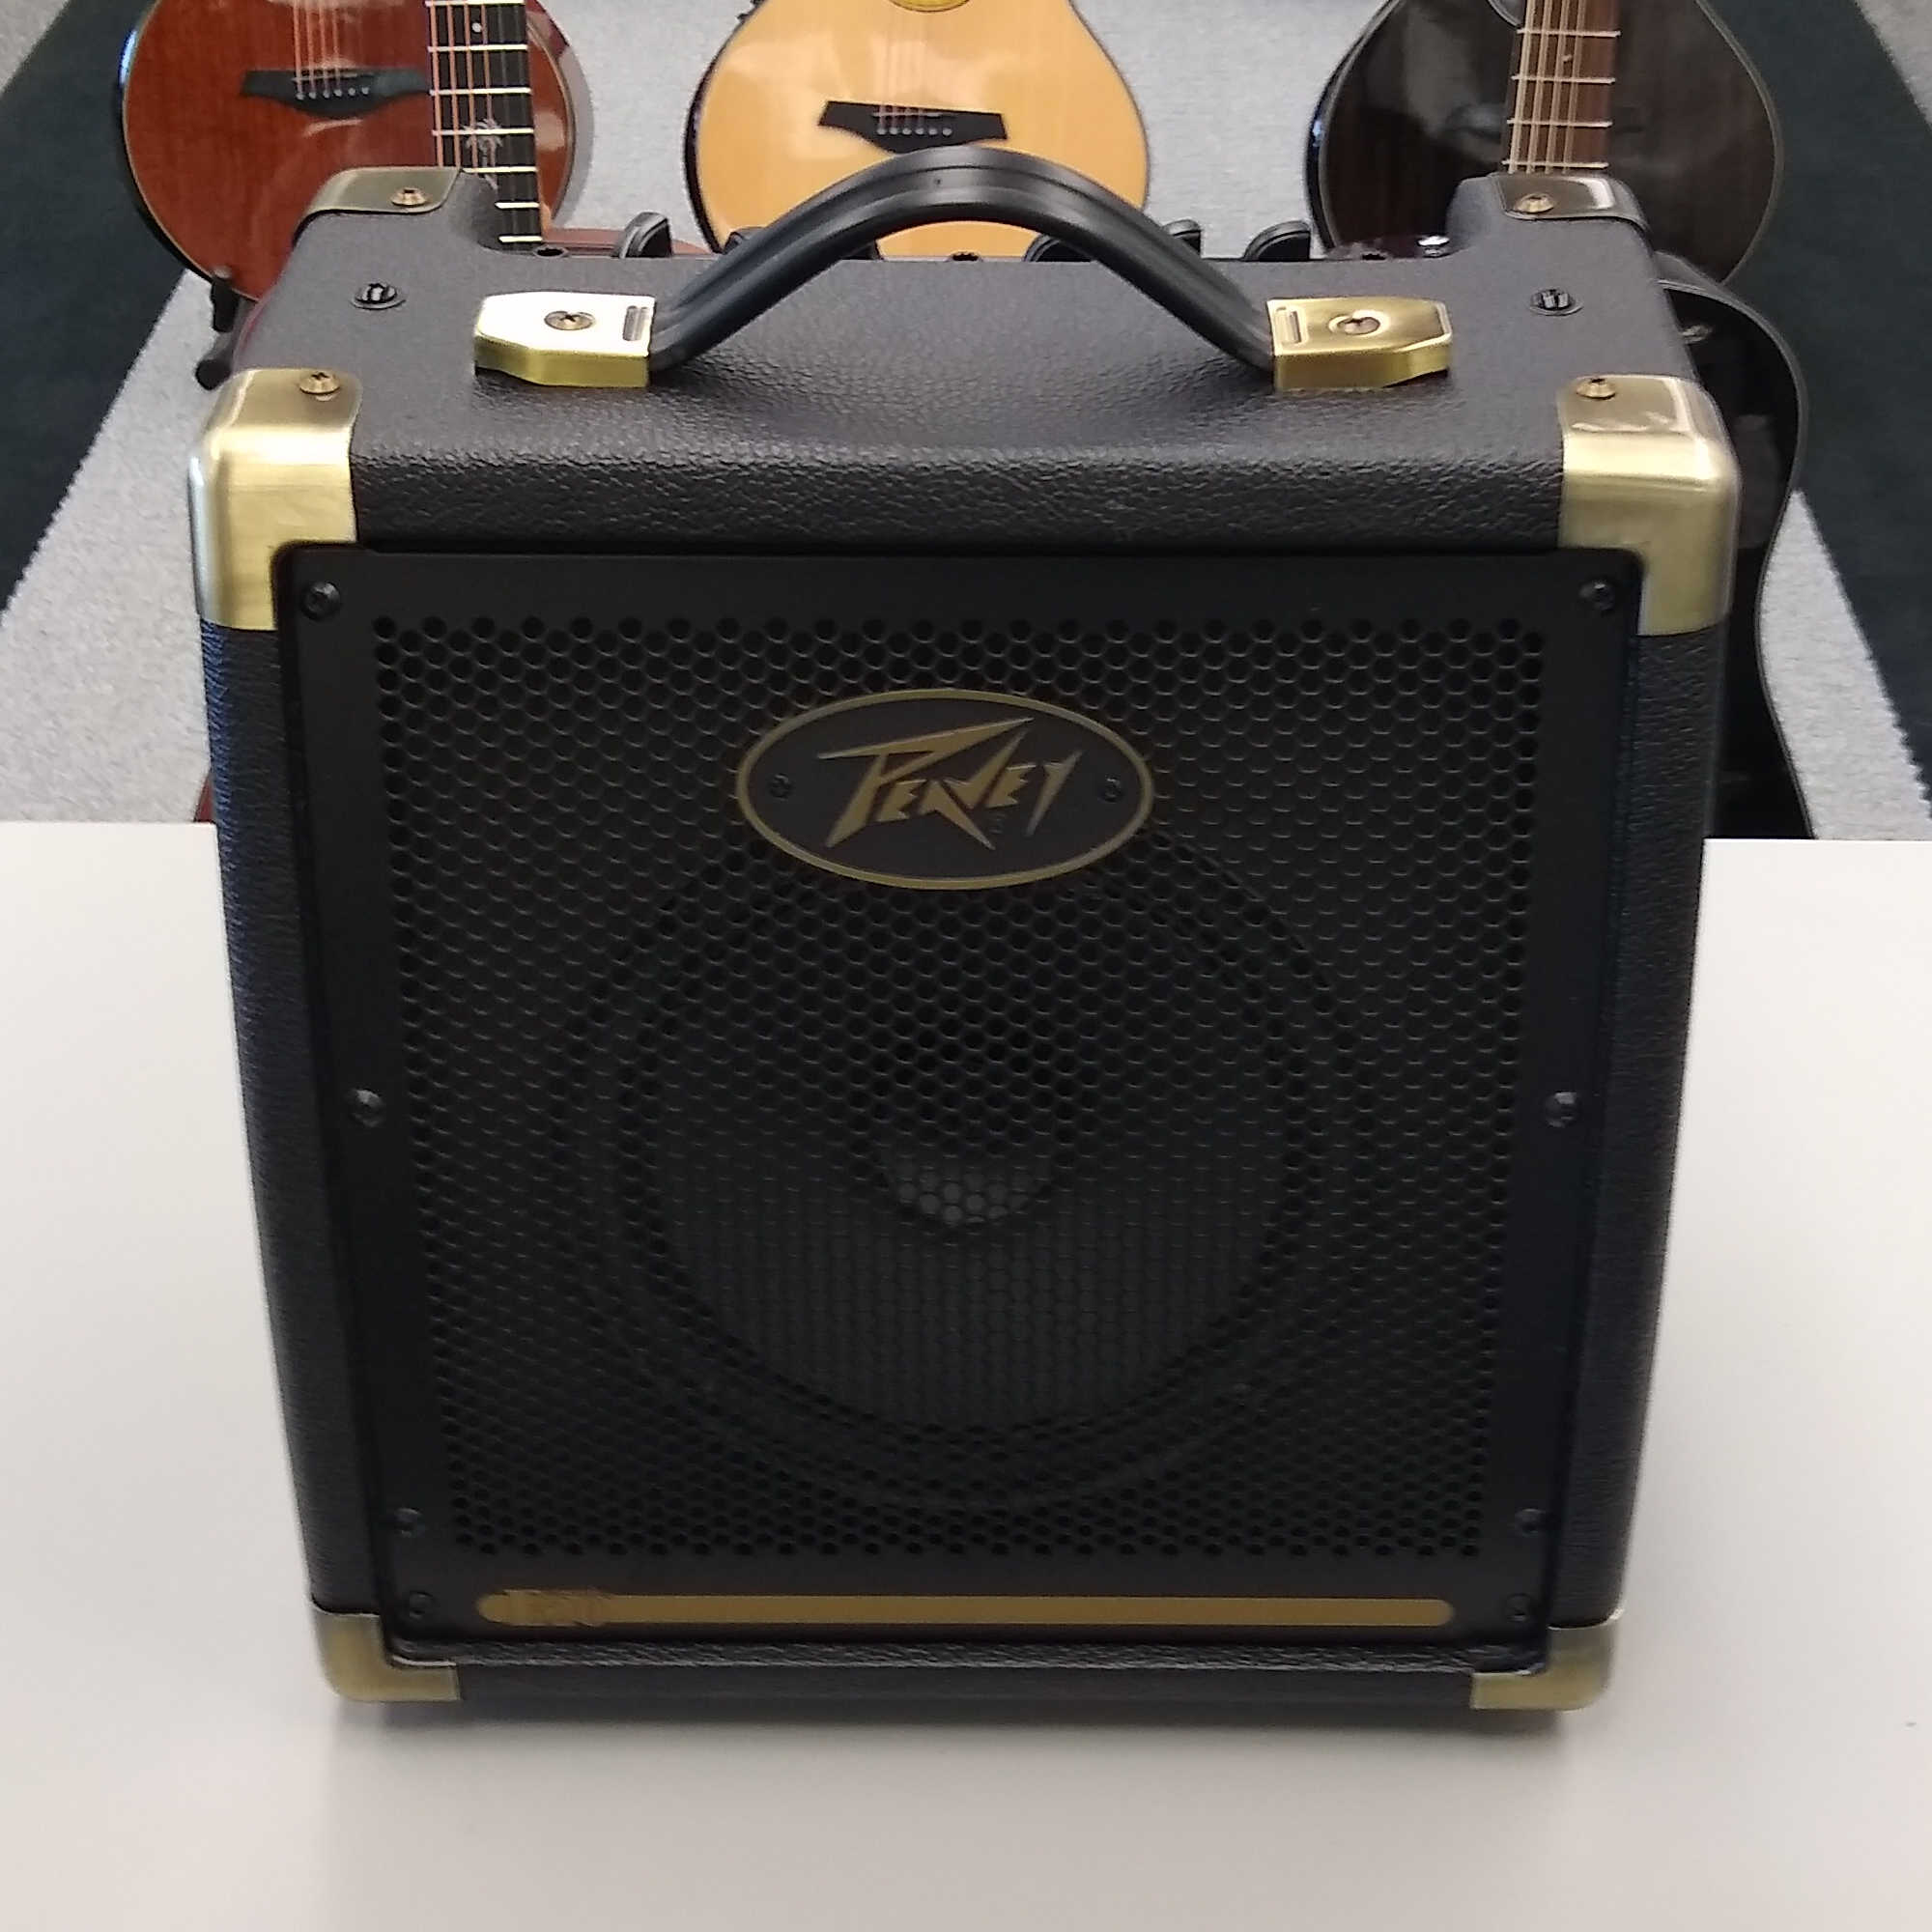 Peavey E20 Acoustic Amplifier